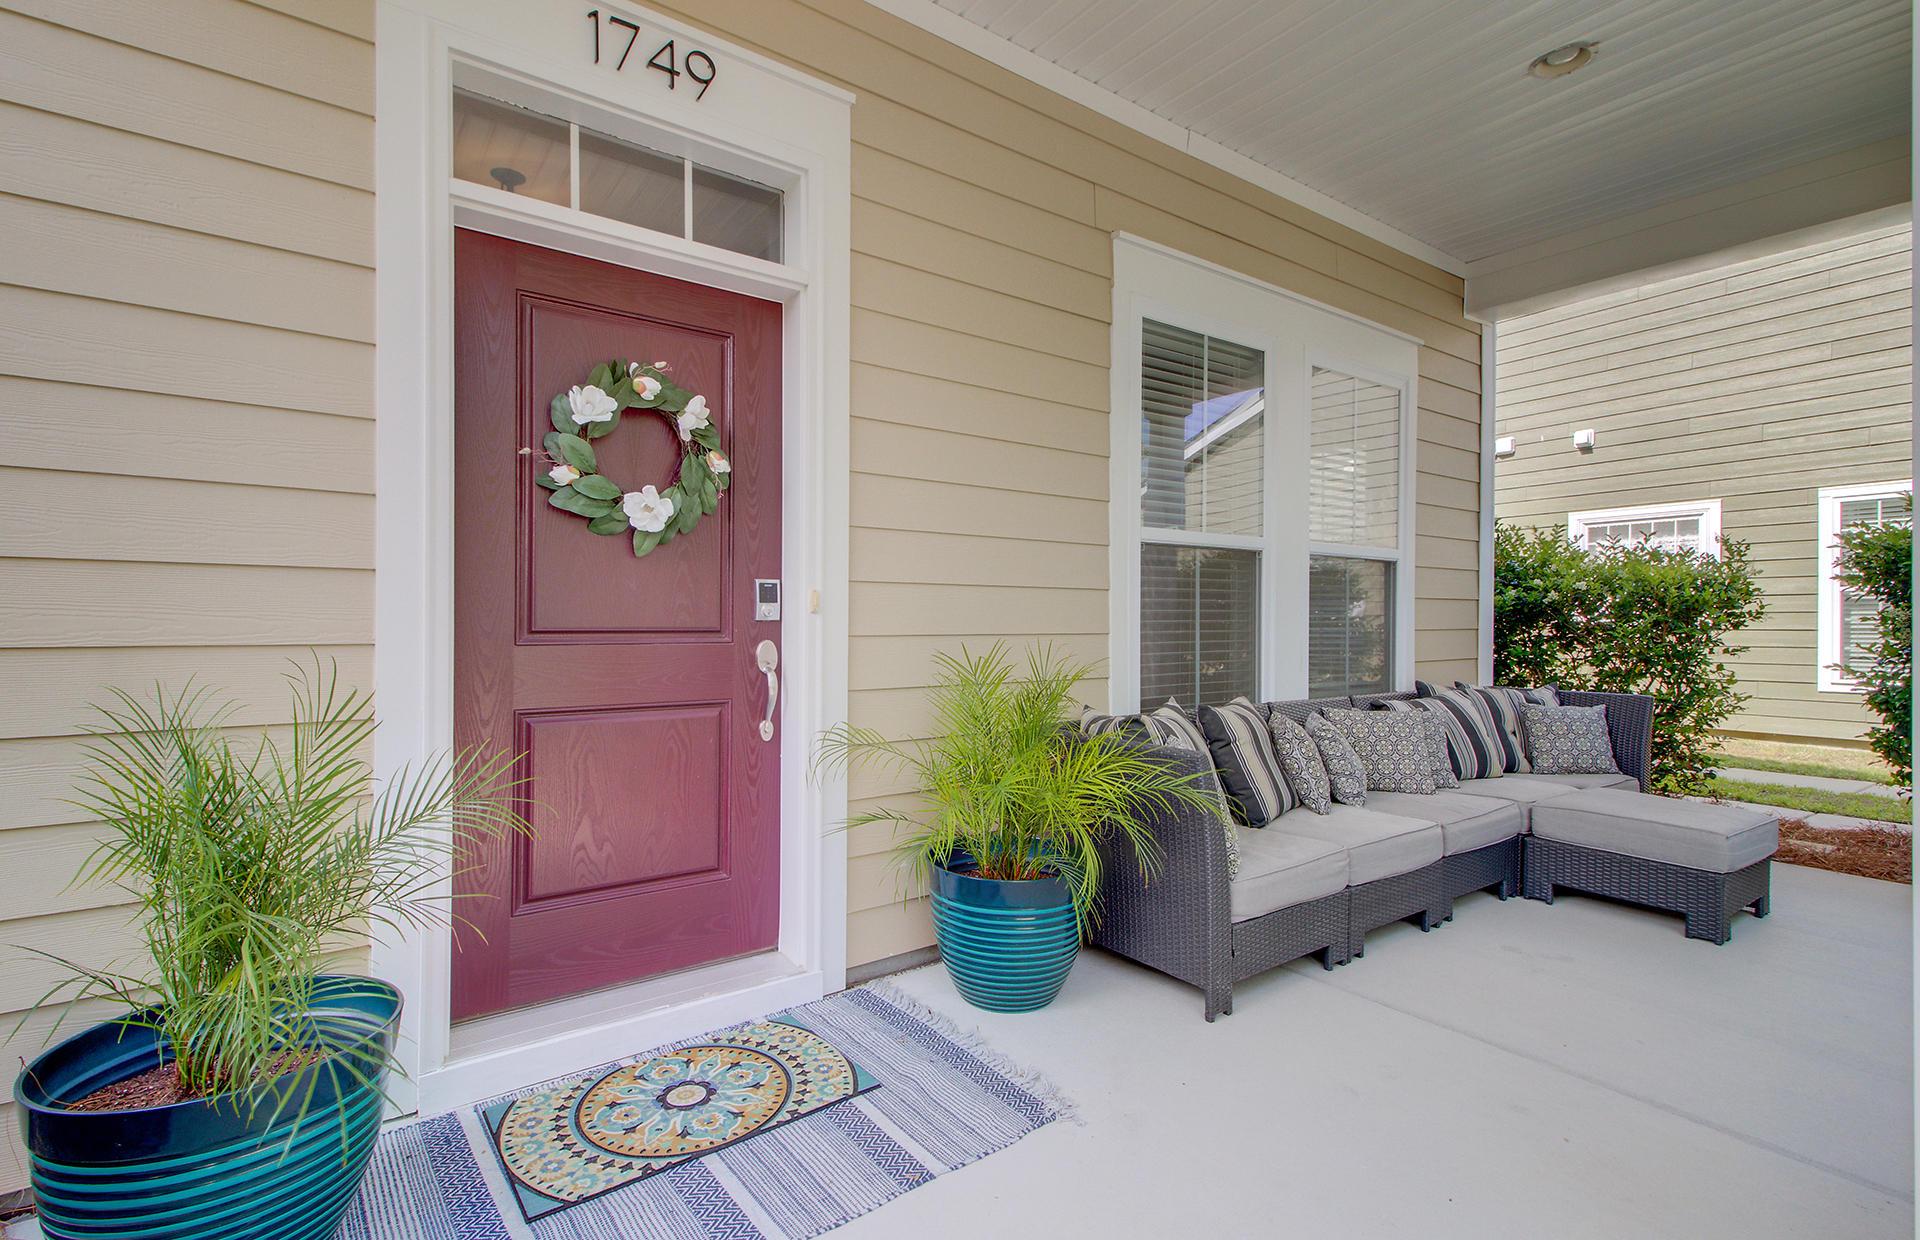 Boltons Landing Homes For Sale - 1749 Batten, Charleston, SC - 22